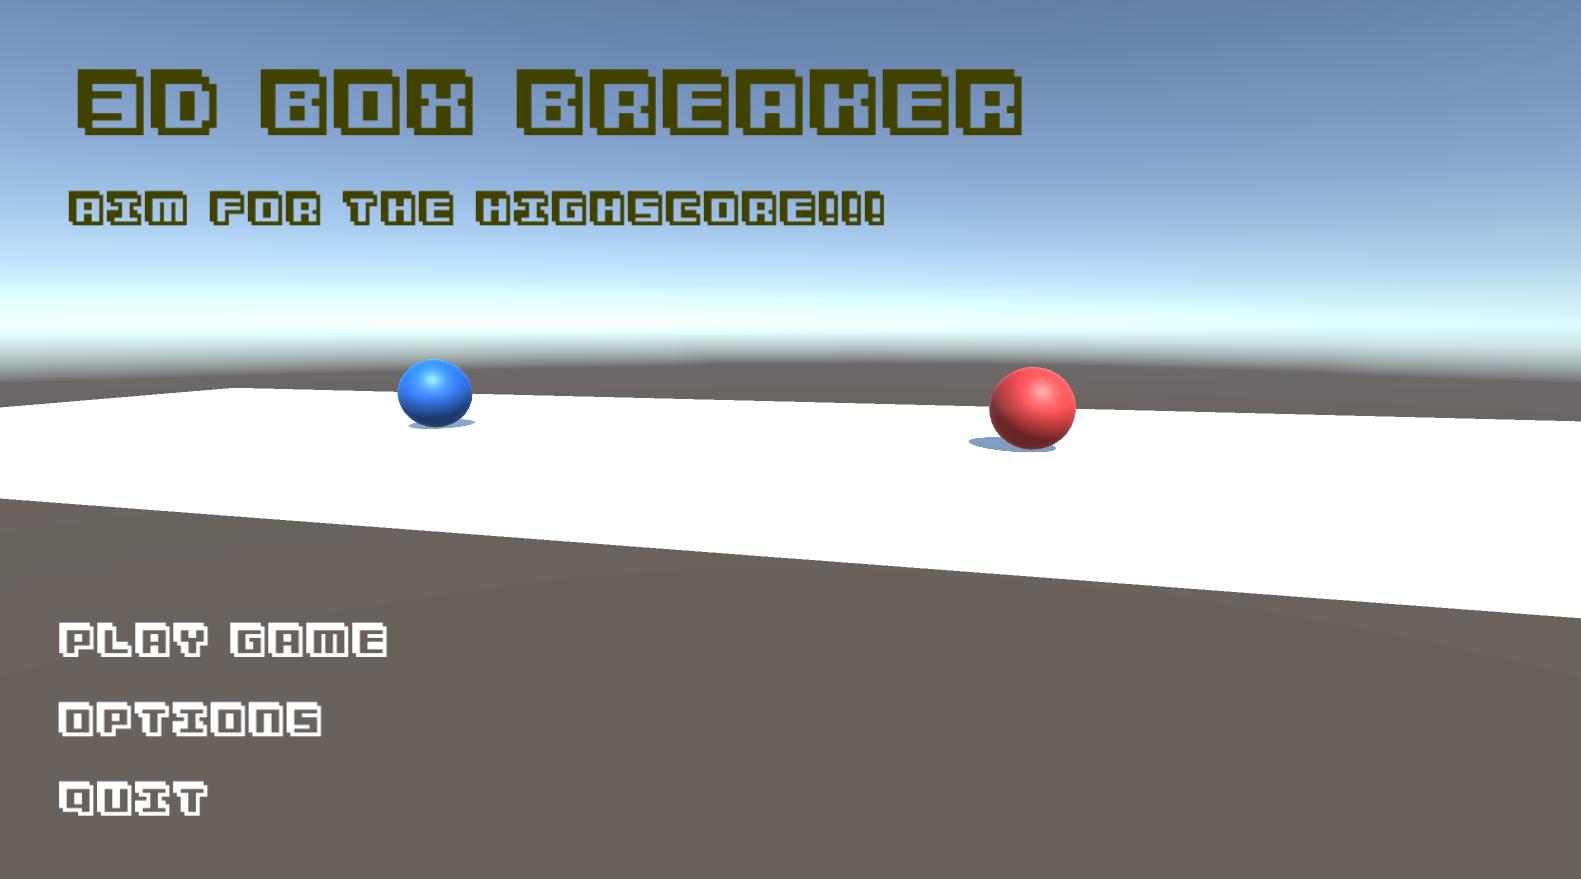 3D Box Breaker